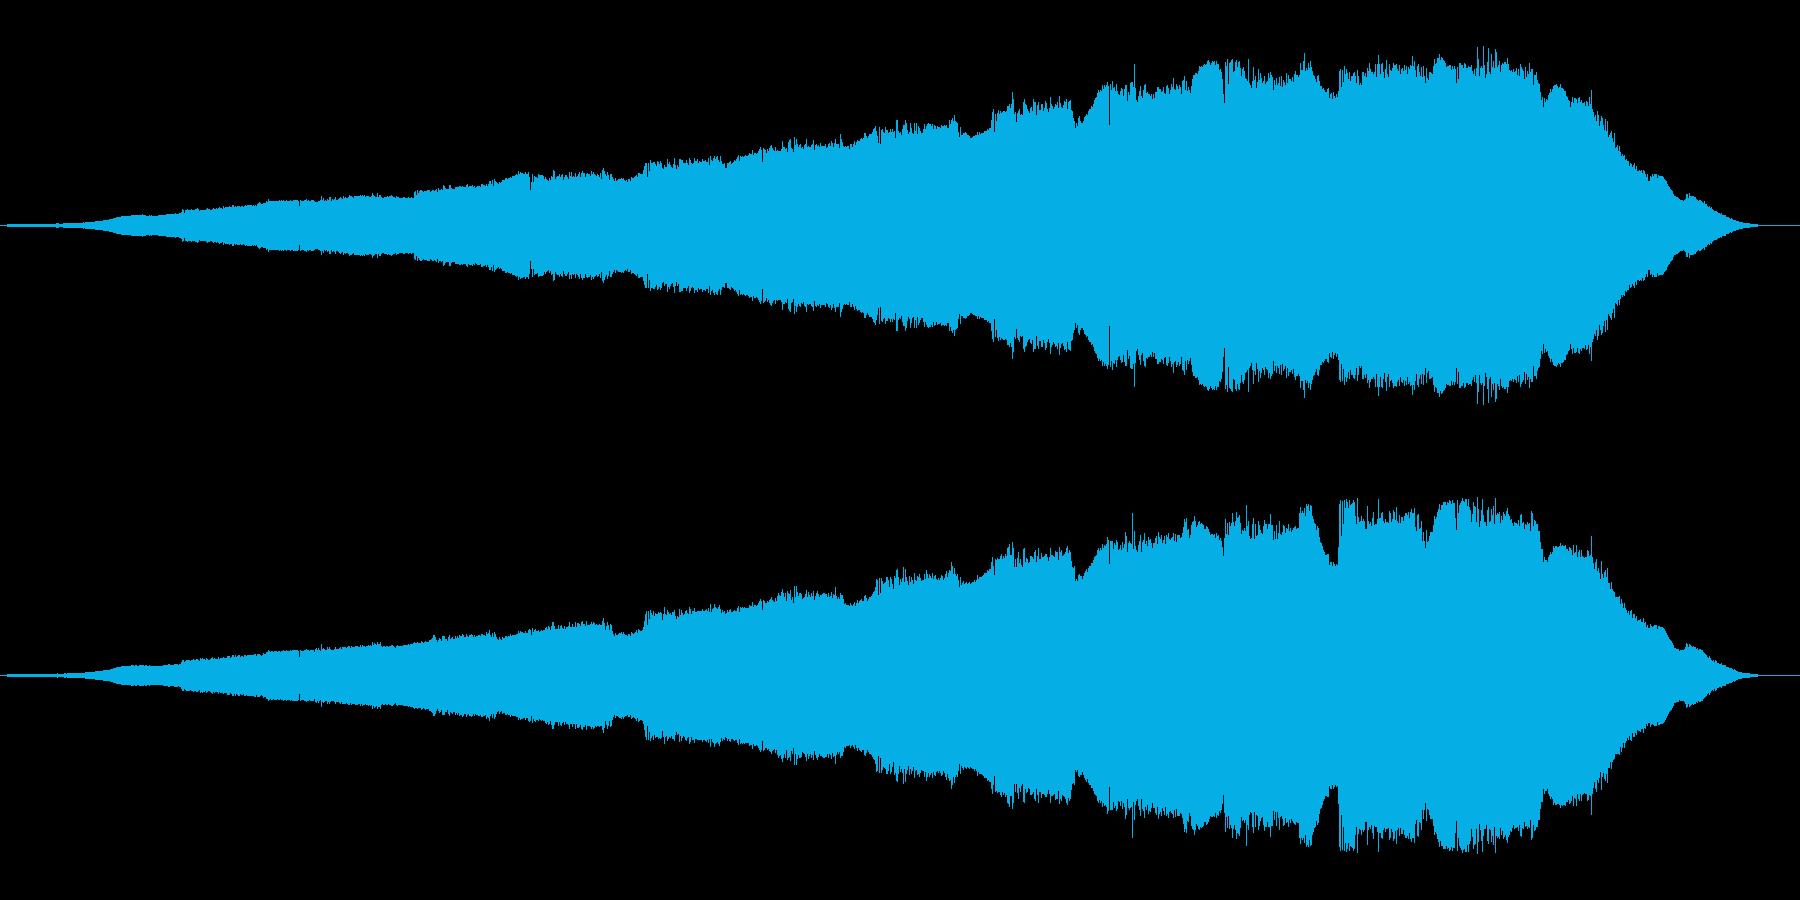 無線信号や電波の様なループした効果音の再生済みの波形